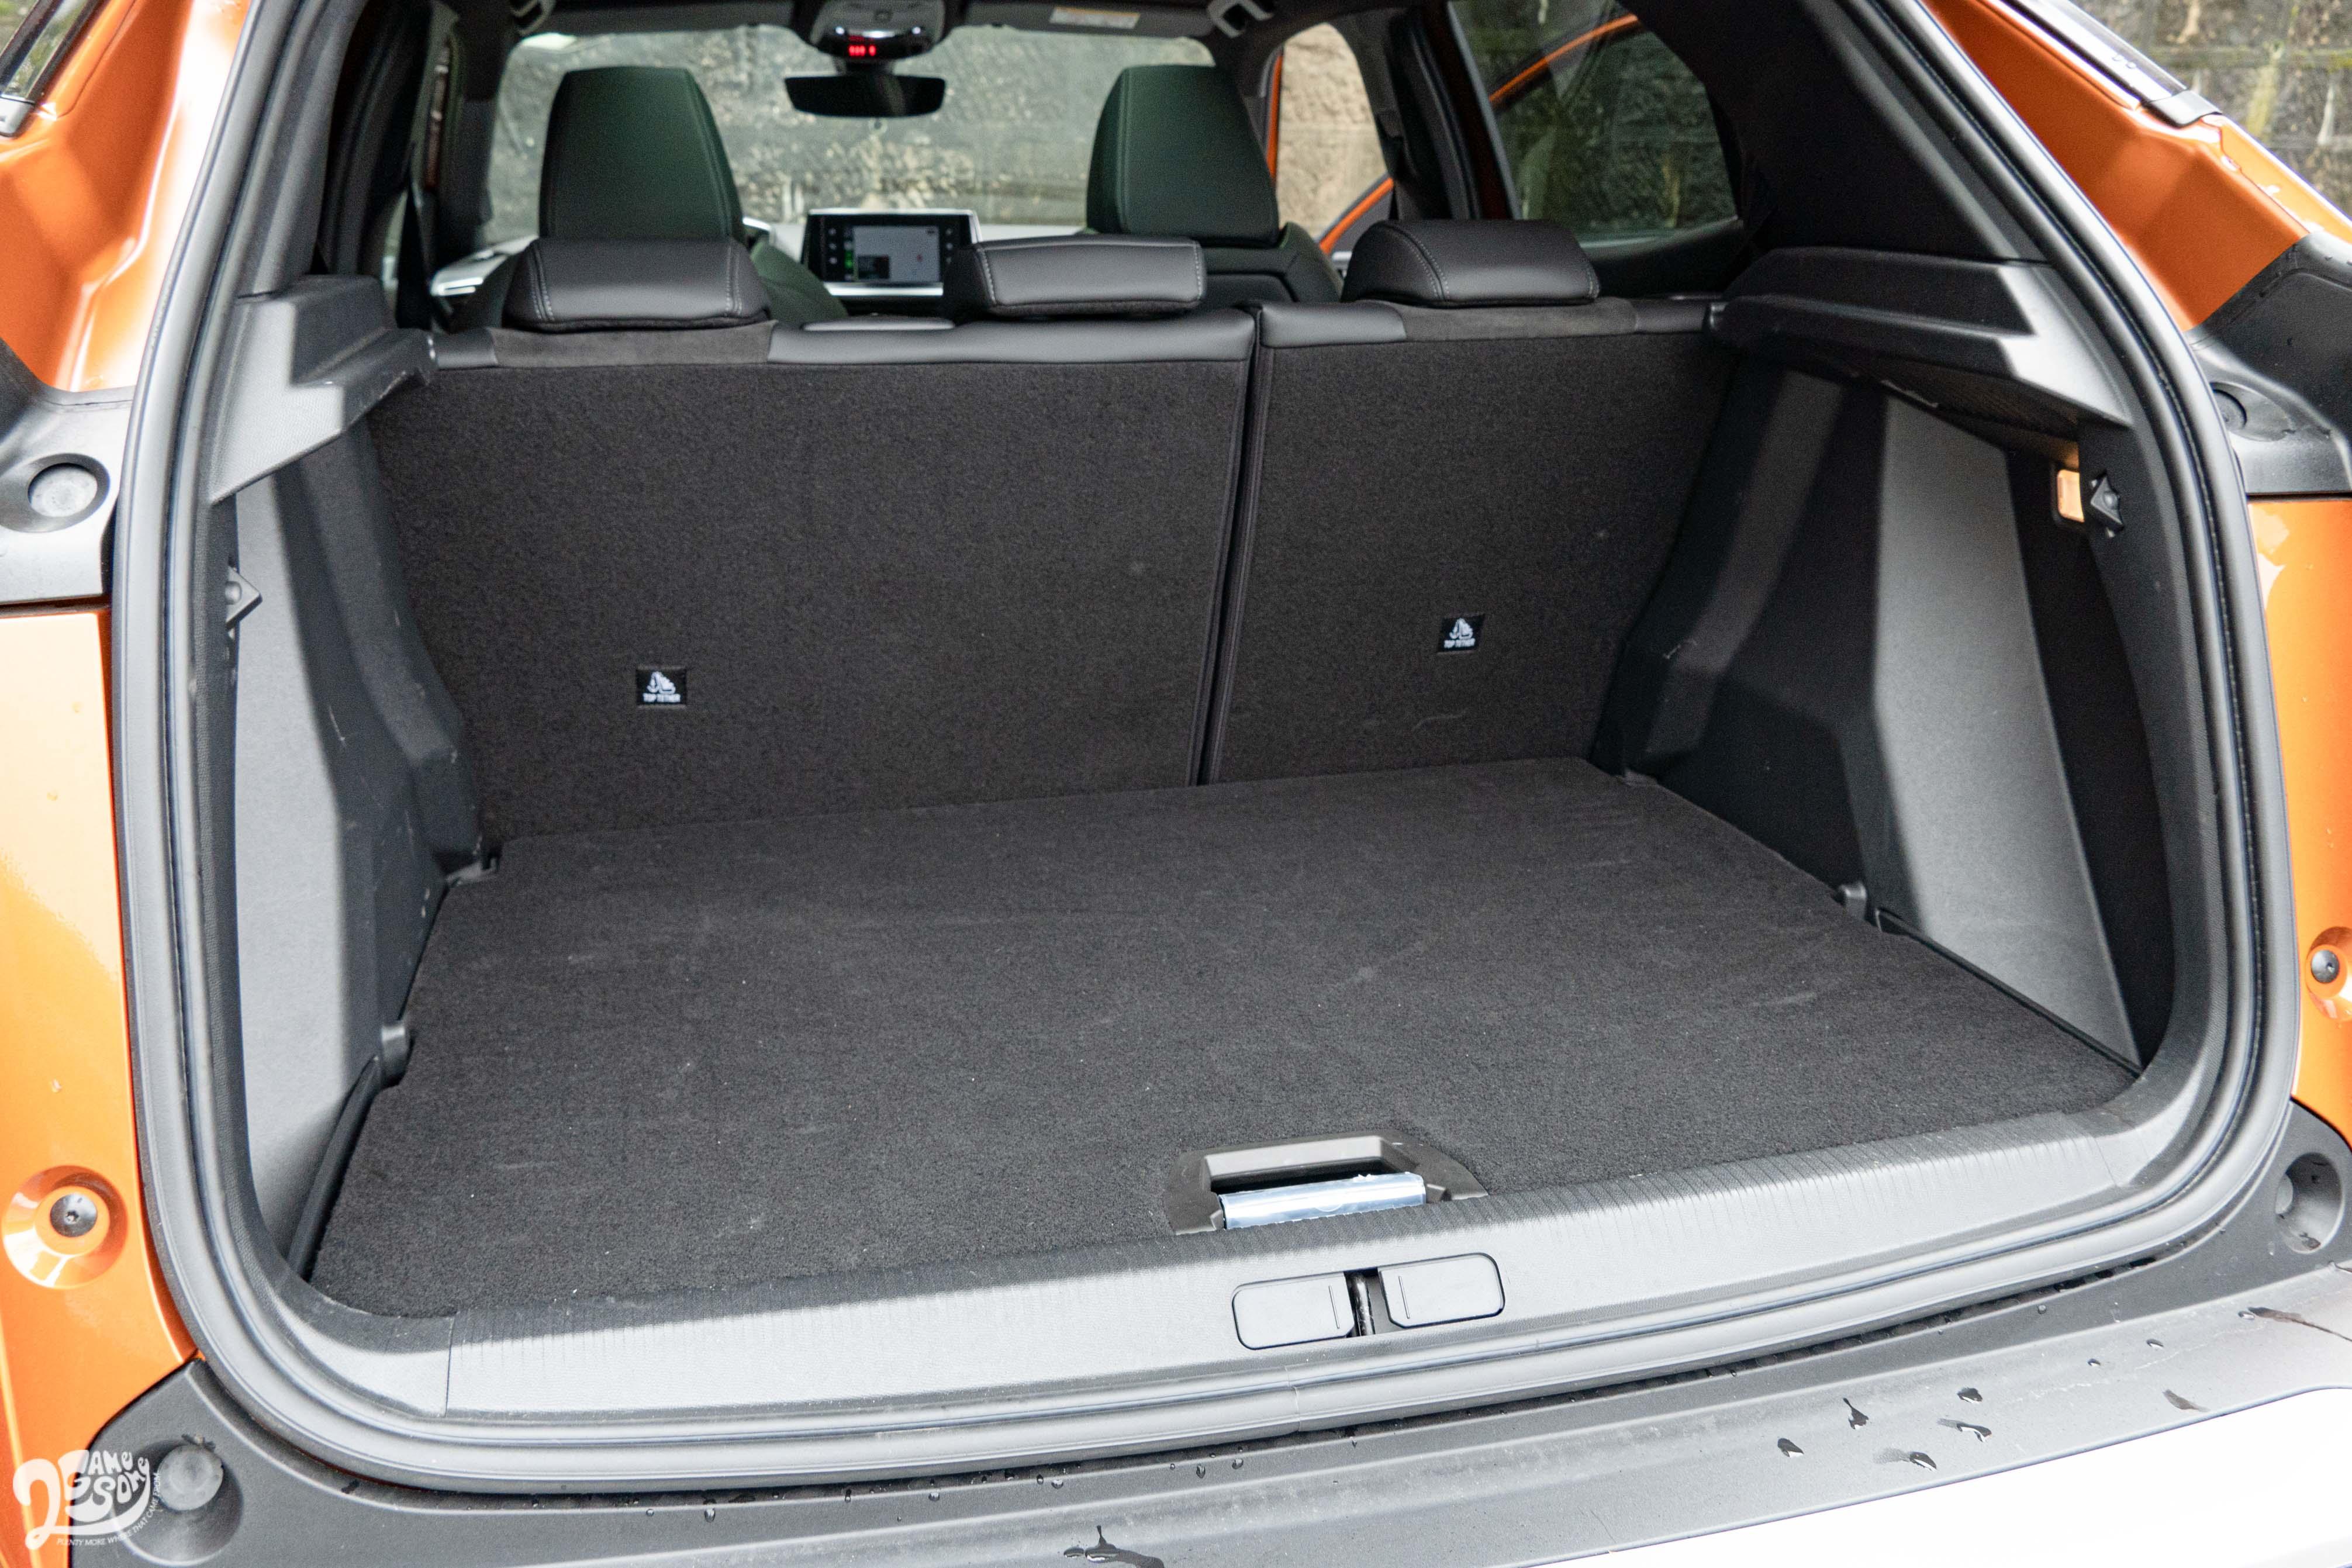 行李廂提供 6/4 椅背傾倒功能,容量可變化於 405、1467 公升。